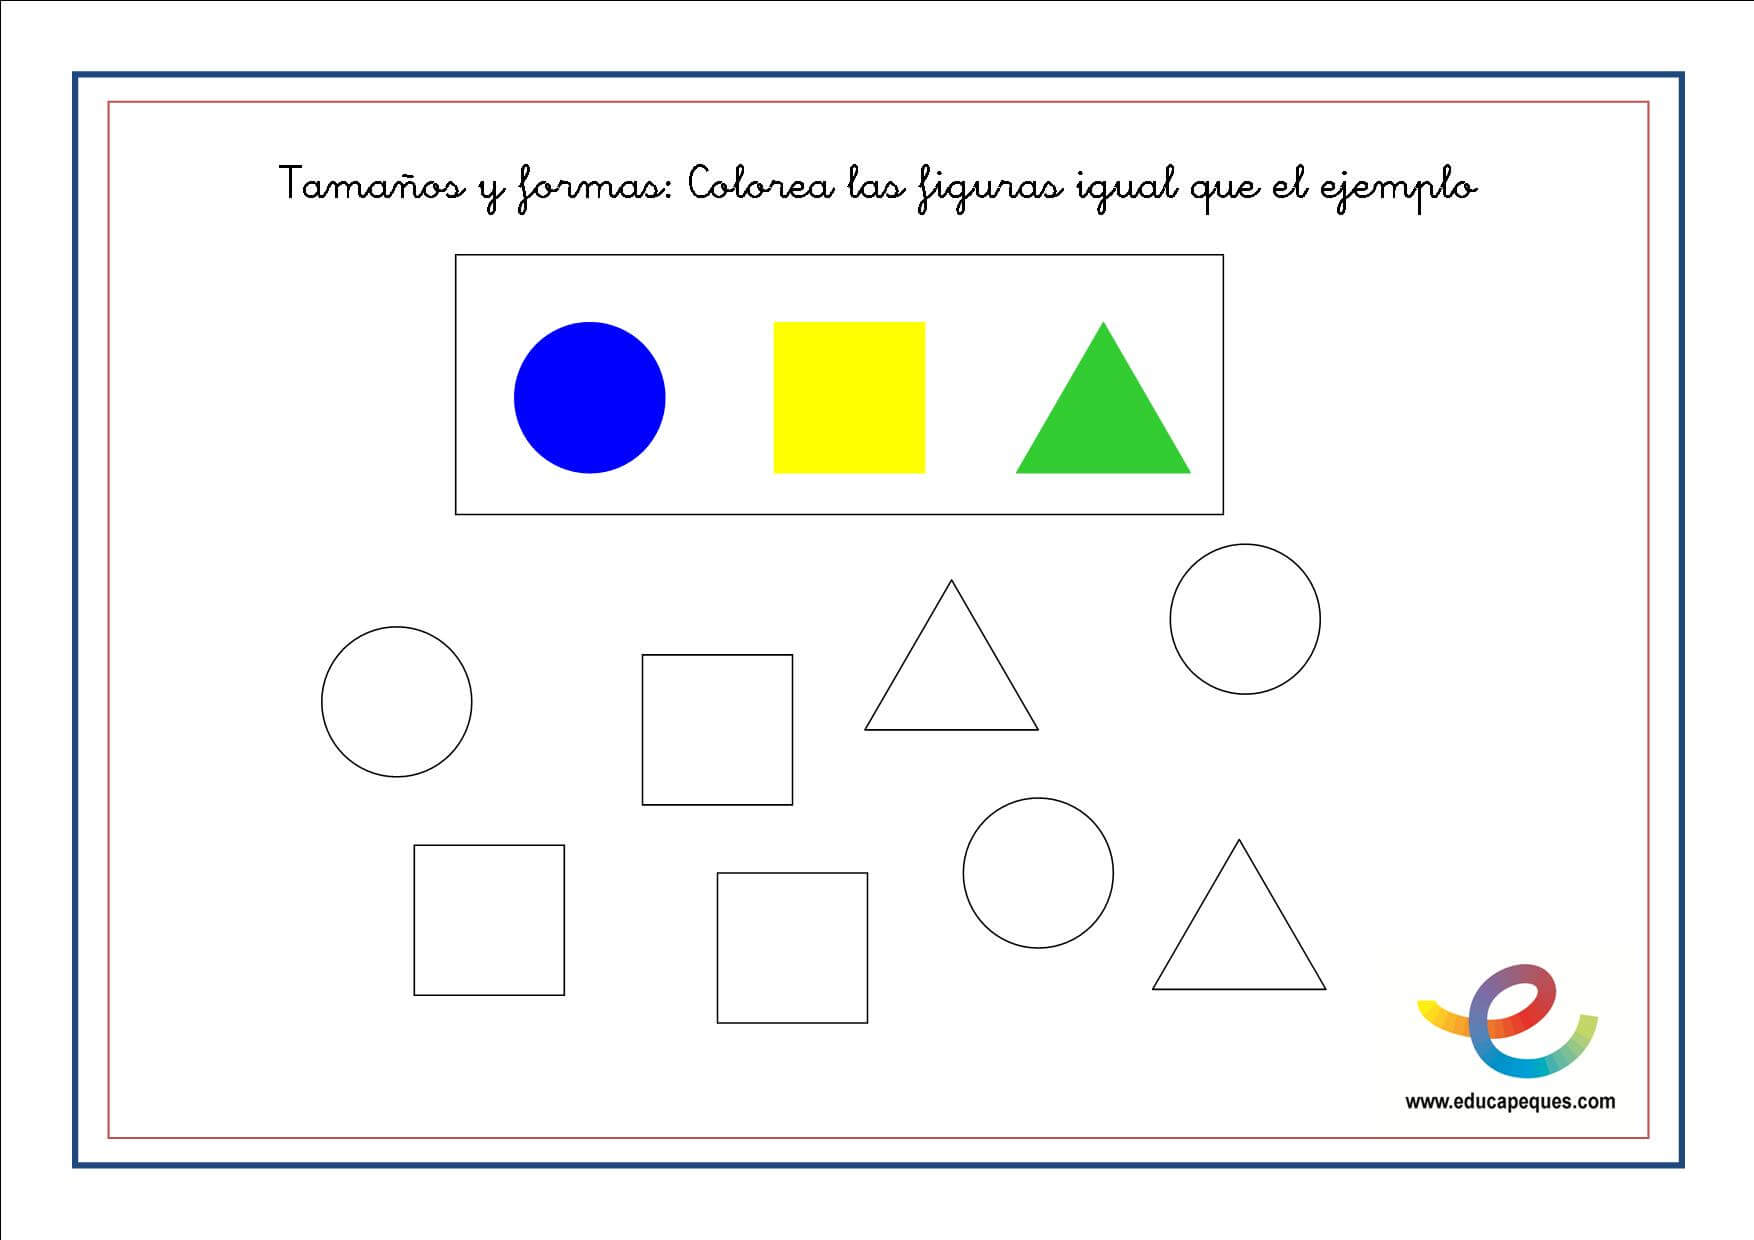 Fichas de matemáticas para primaria: Tamaños y formas